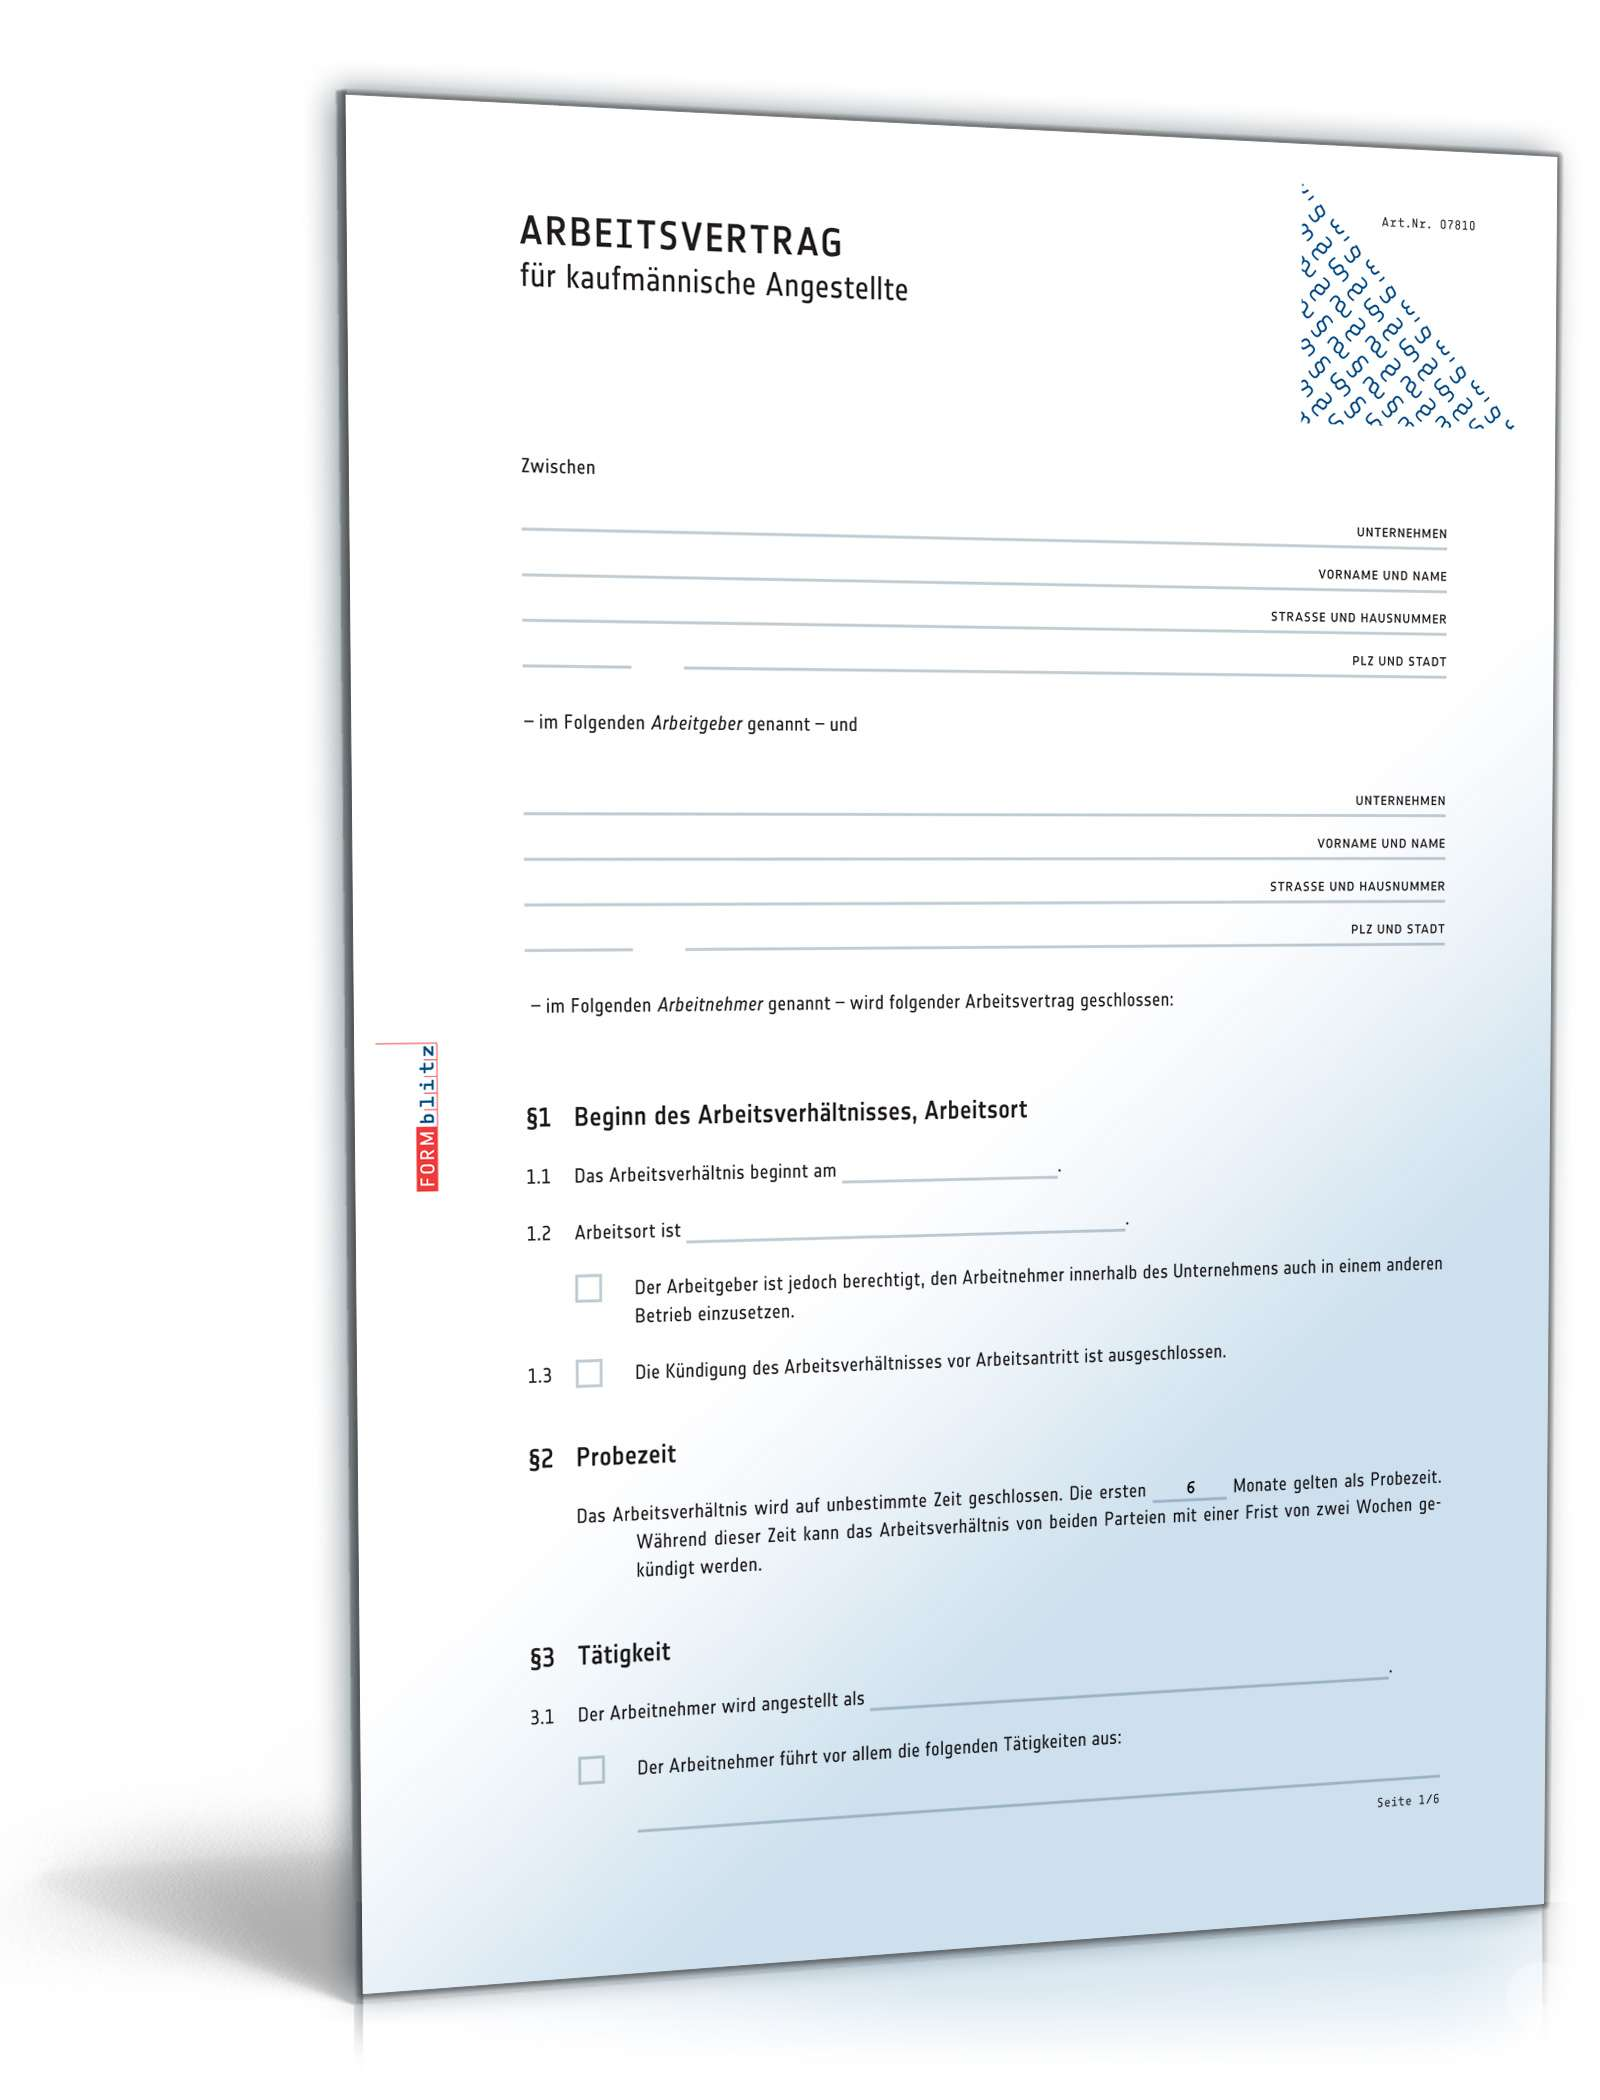 Arbeitsvertrag kaufmännische Angestellte | Muster zum Download